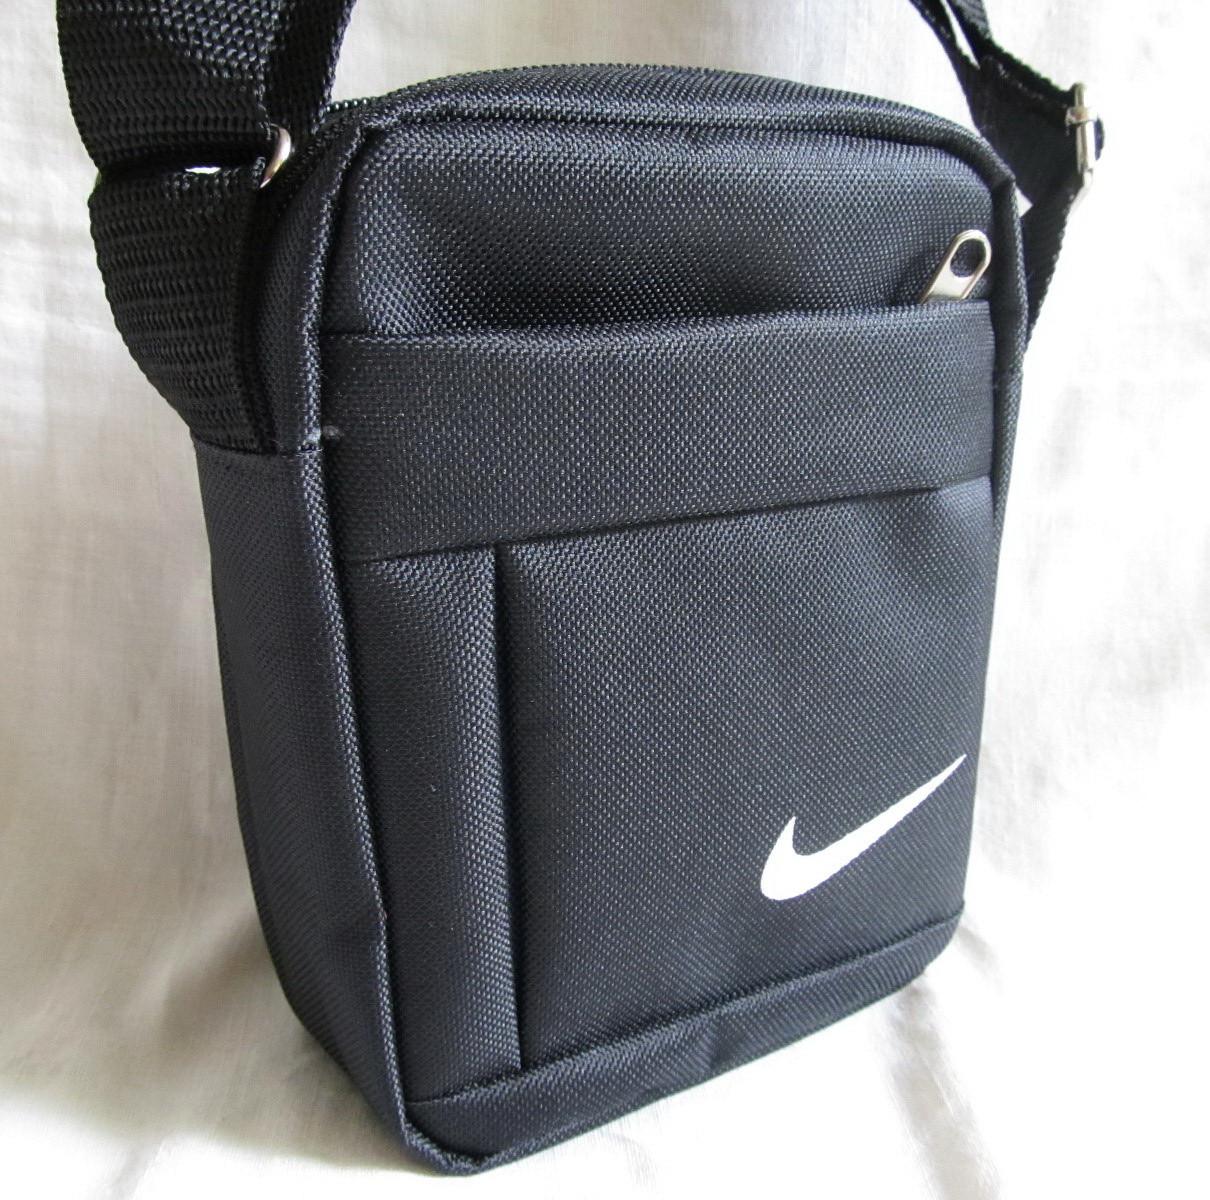 1401ab7715ac Сумка через плечо спортивная мужская женская барсетка черная 16х13х6см -  Интернет-магазин